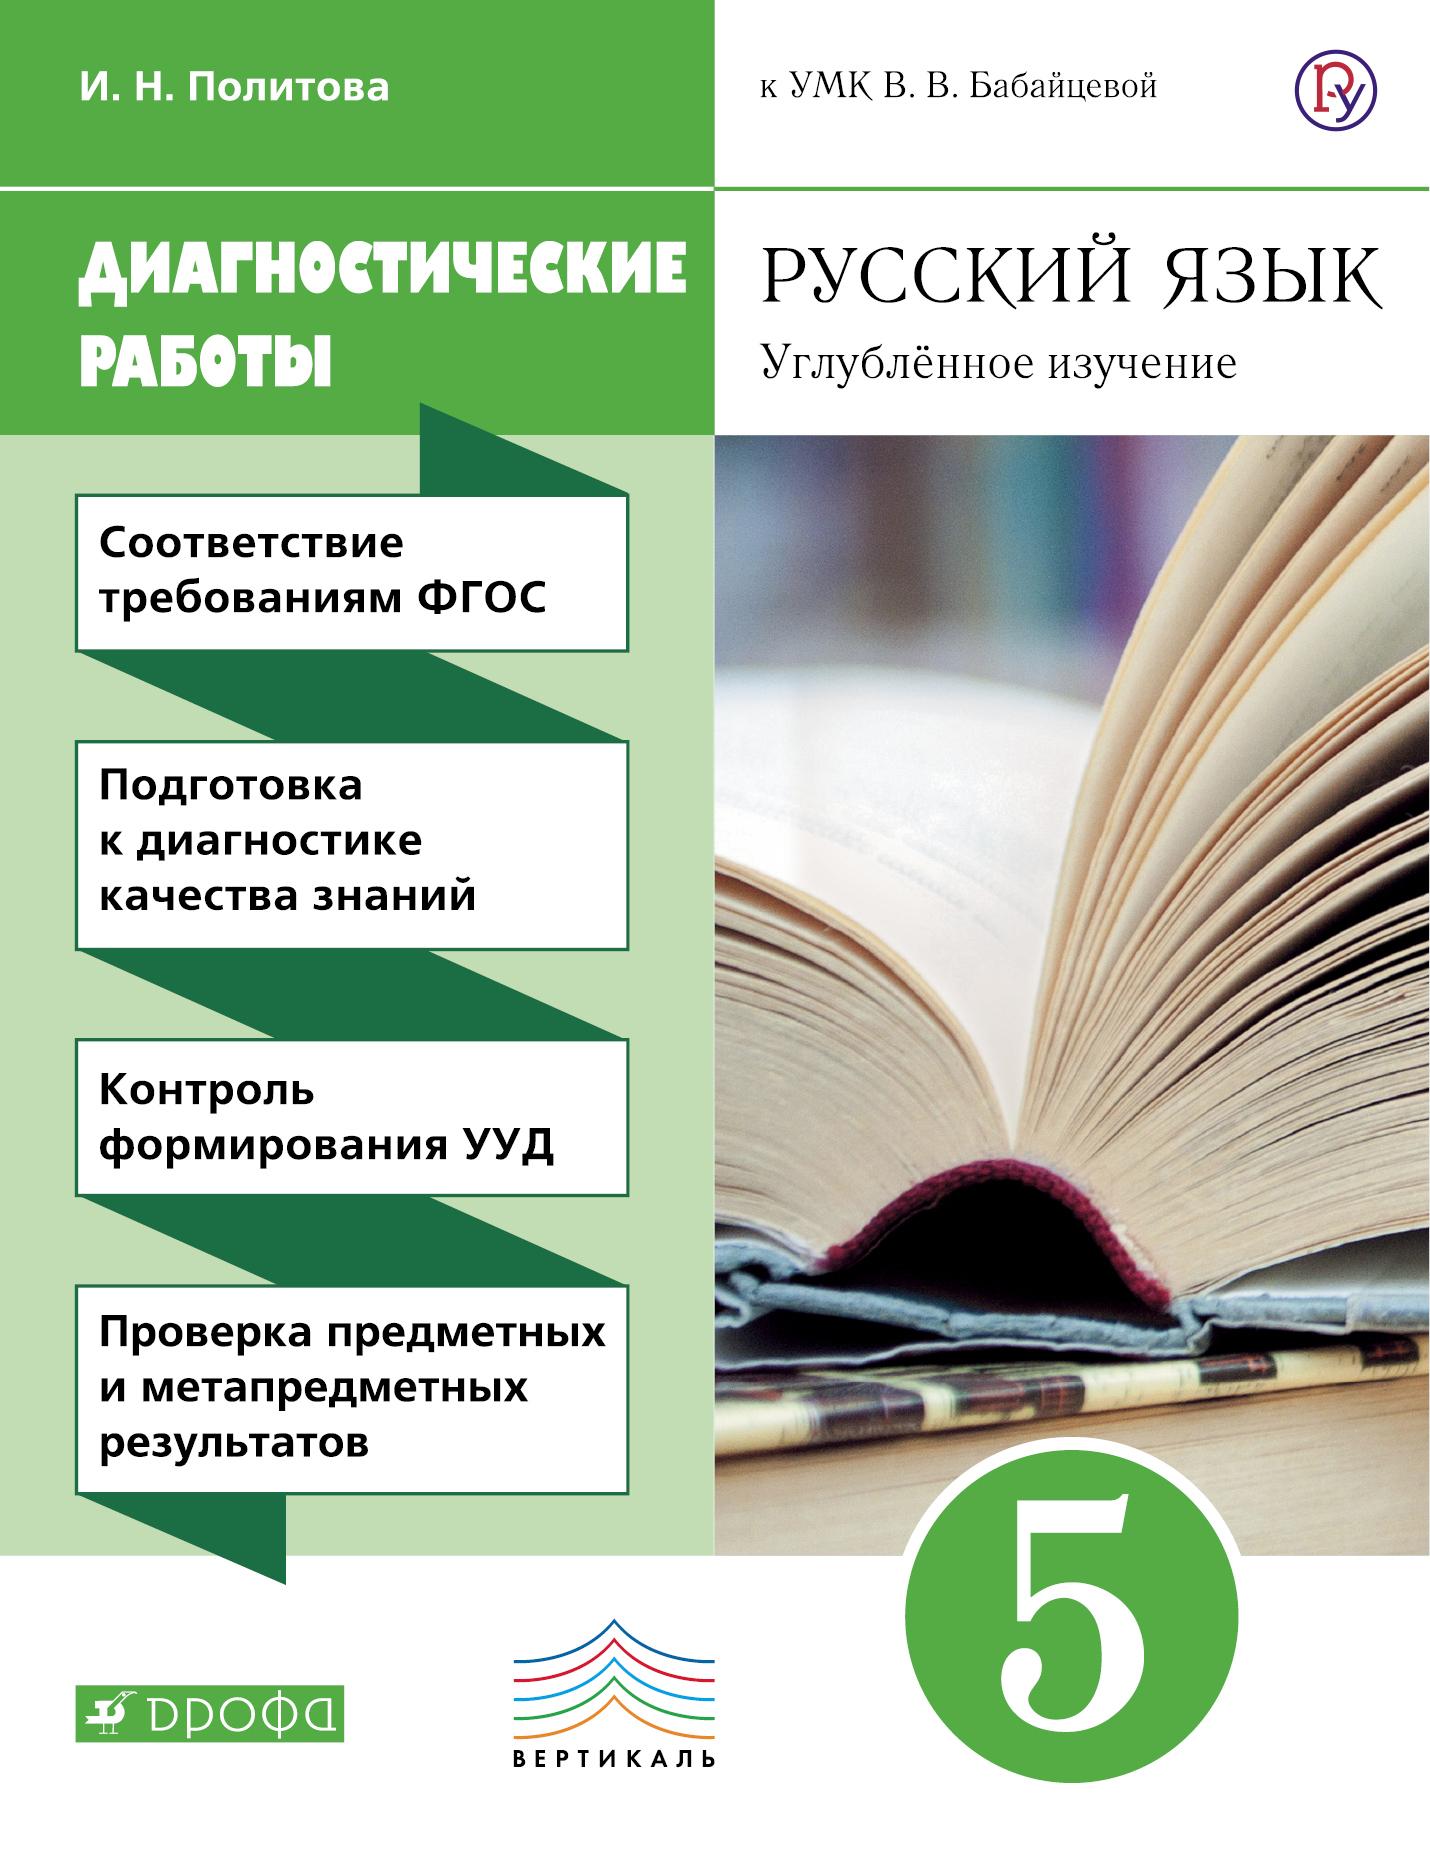 Русский язык. Углубленное изучение. 5 класс. Рабочая тетрадь (диагностические работы) ( Политова И.Н.  )